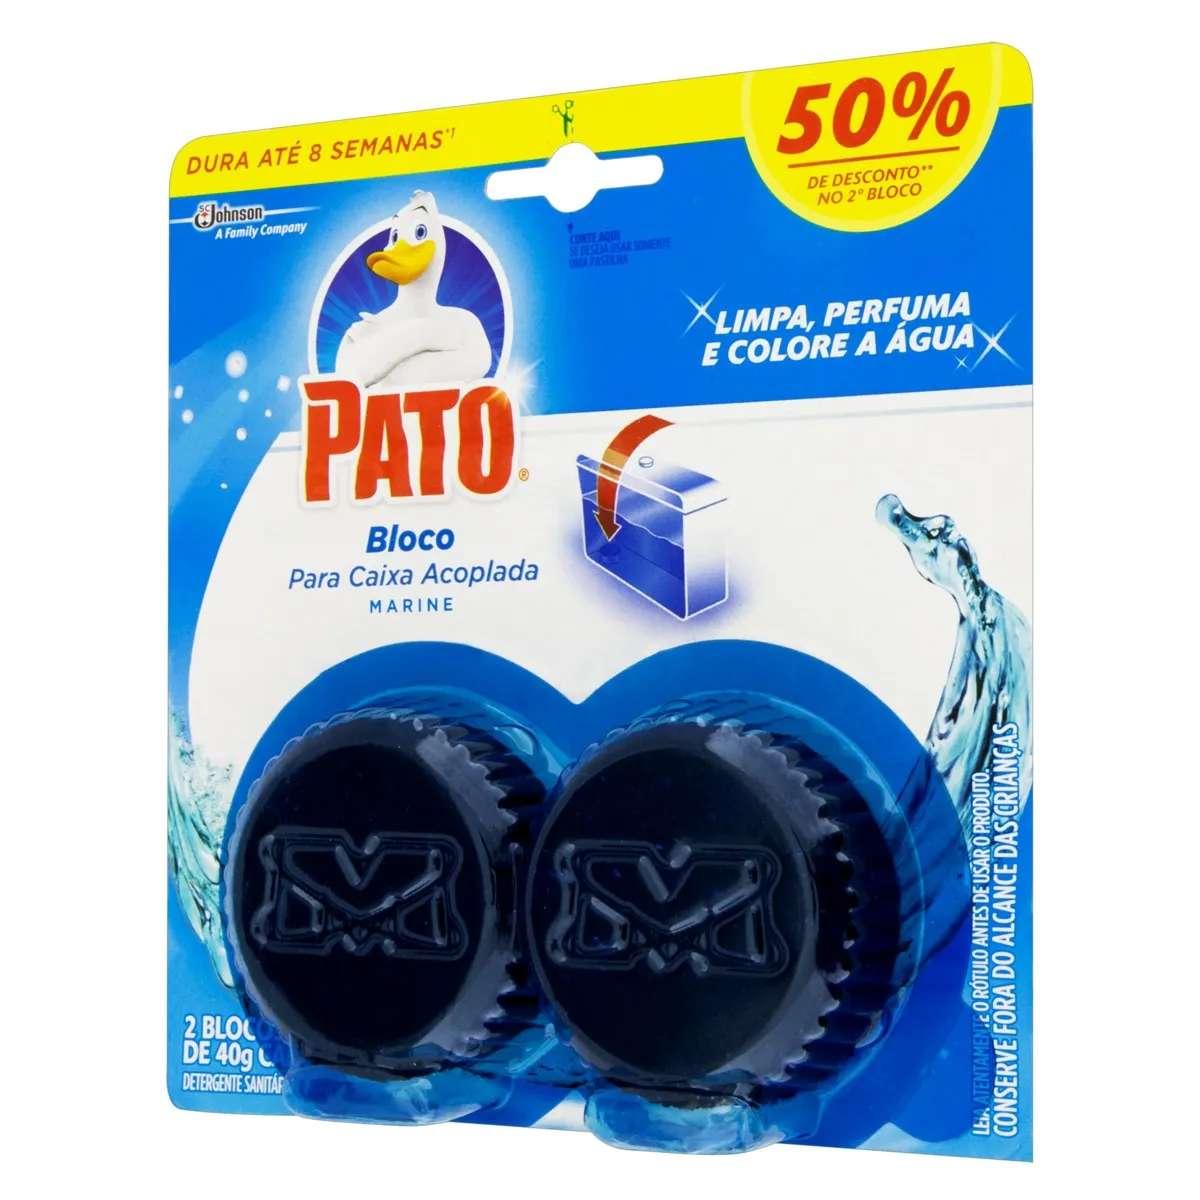 Detergente Sanitário Bloco para Caixa Acoplada Marine Pato 40g kit com 3 emb.